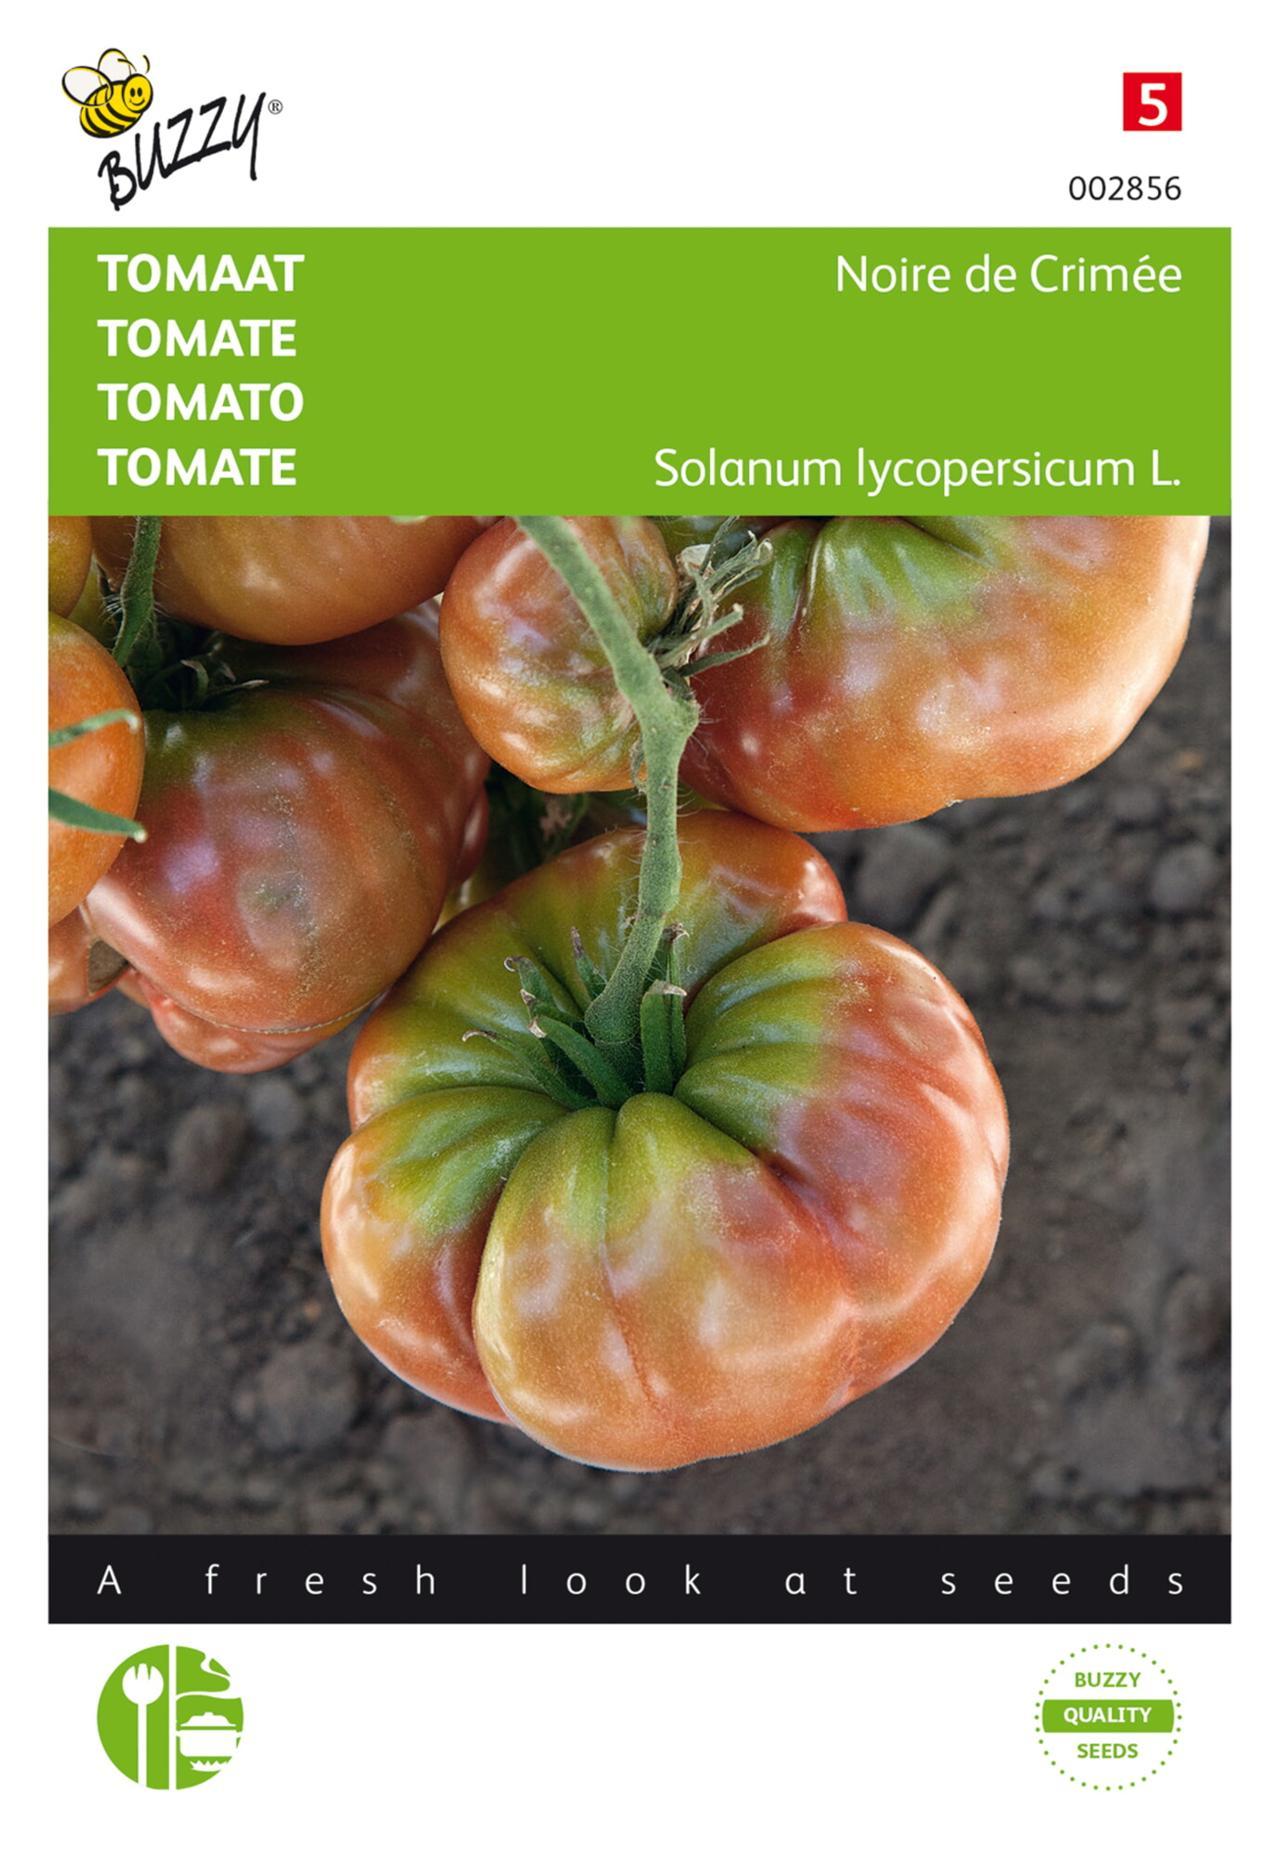 Solanum lycopersicum 'Noire de Crimée' plant